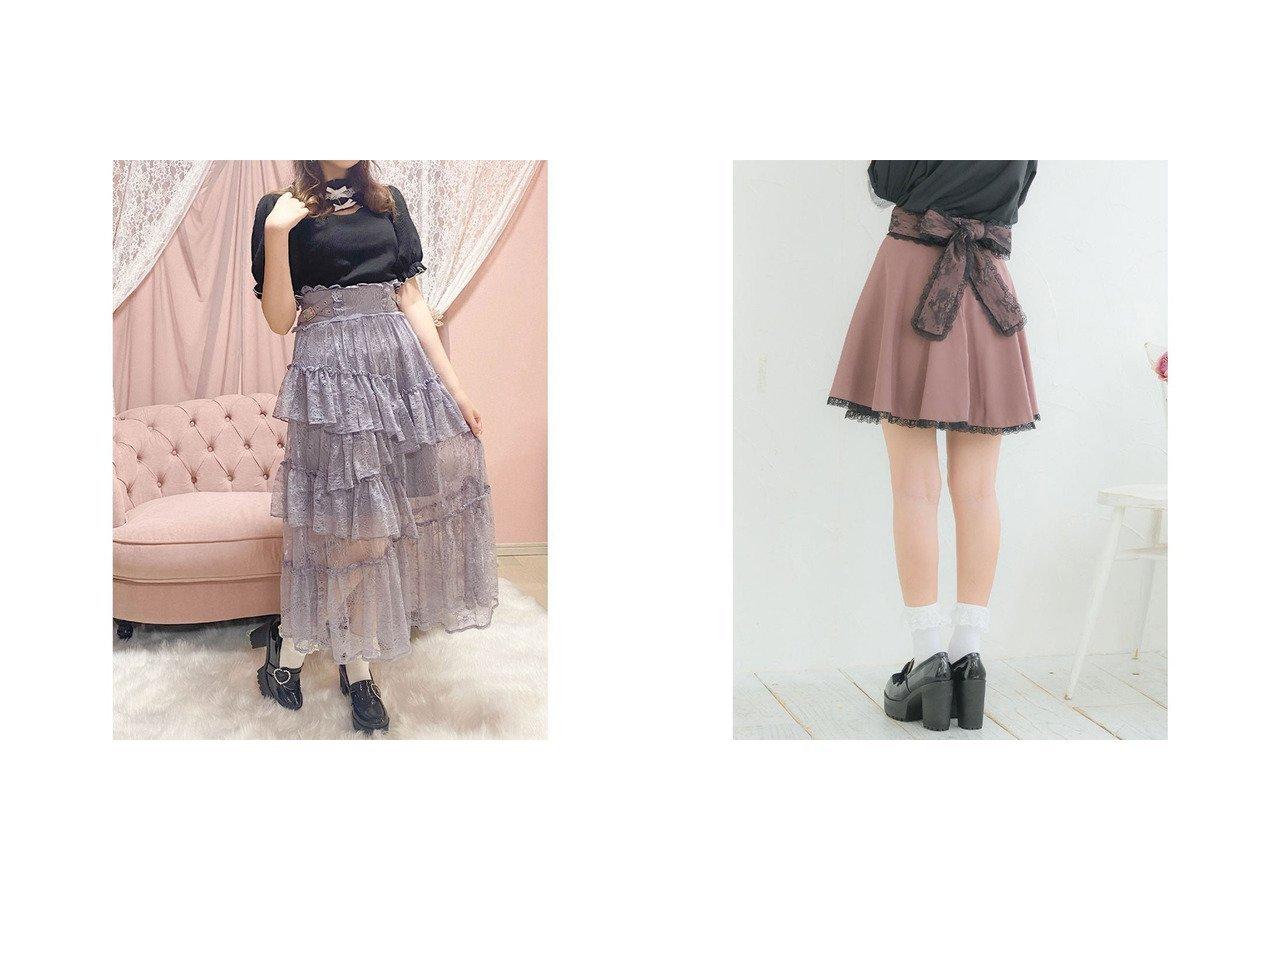 【ROJITA/ロジータ】のウエストバックリボンスカート&ランダムフレアロングスカート おすすめ!人気、トレンド・レディースファッションの通販 おすすめで人気の流行・トレンド、ファッションの通販商品 インテリア・家具・メンズファッション・キッズファッション・レディースファッション・服の通販 founy(ファニー) https://founy.com/ ファッション Fashion レディースファッション WOMEN スカート Skirt ロングスカート Long Skirt 2021年 2021 2021春夏・S/S SS/Spring/Summer/2021 S/S・春夏 SS・Spring/Summer アシンメトリー ギンガム チェック バランス フレア 夏 Summer 春 Spring |ID:crp329100000062474